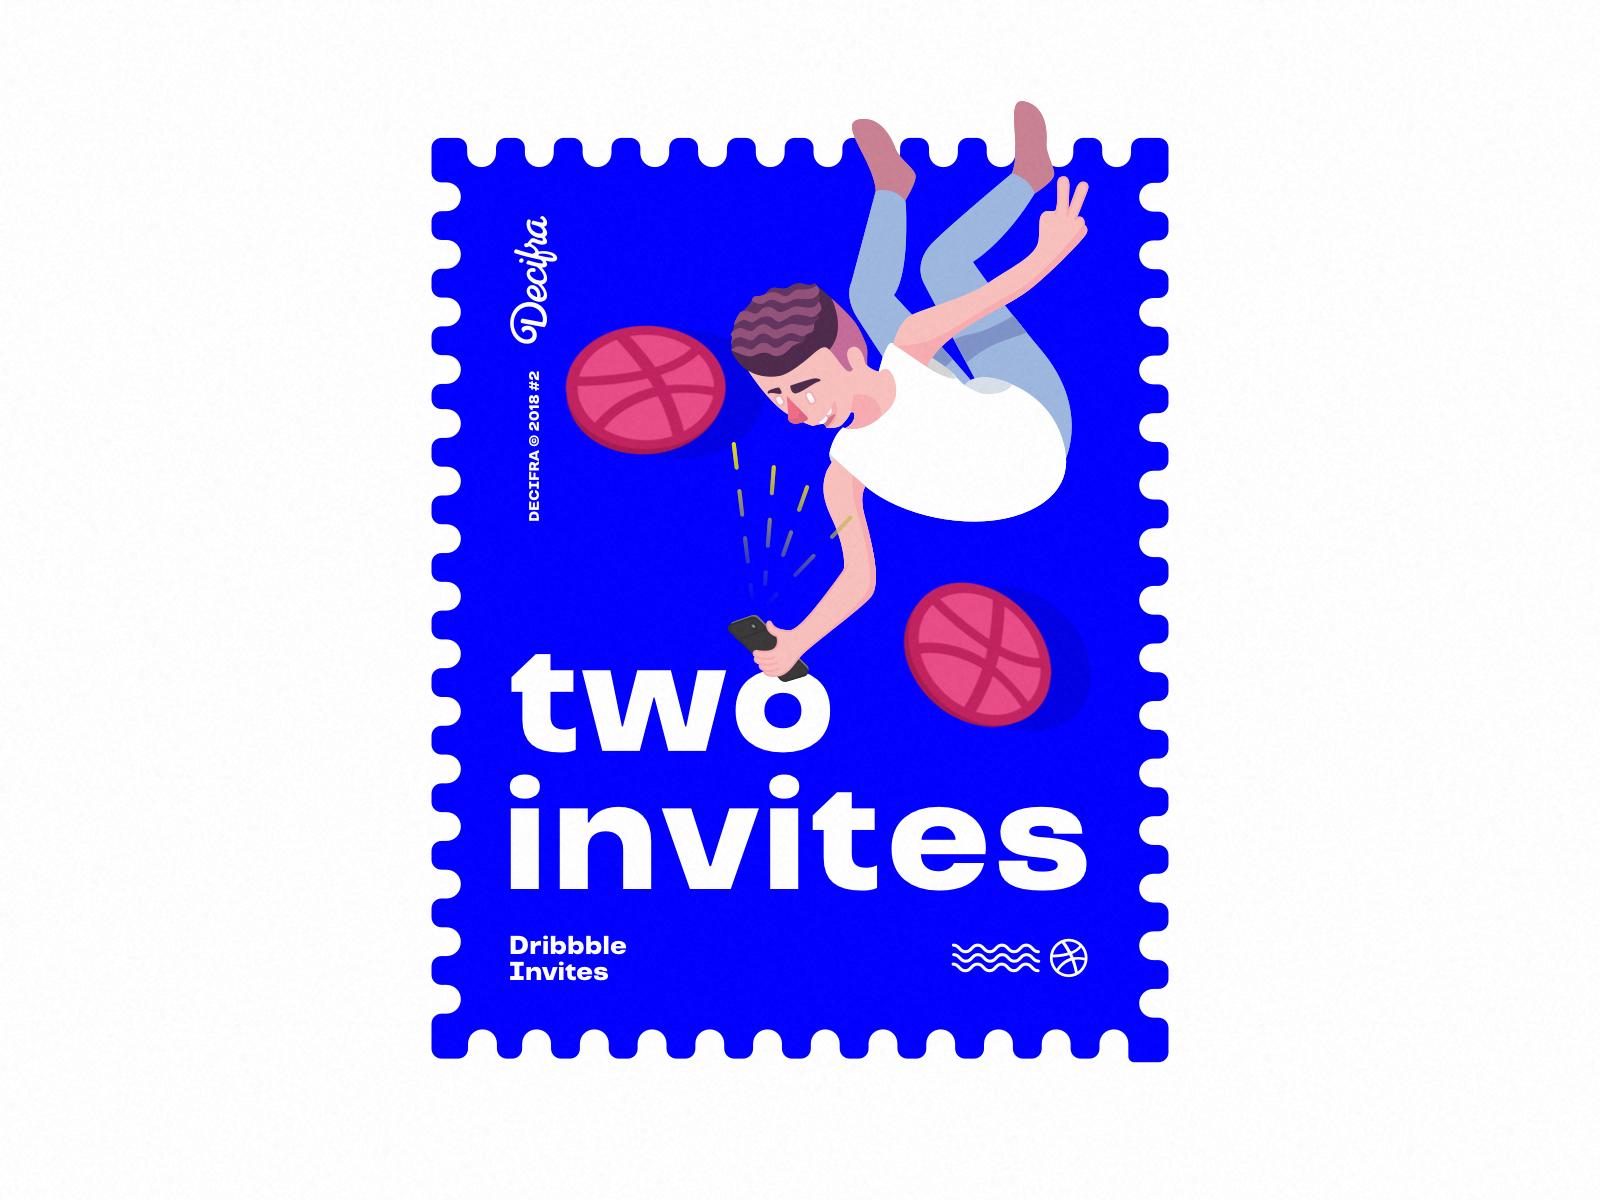 Two dribbble invites 2x